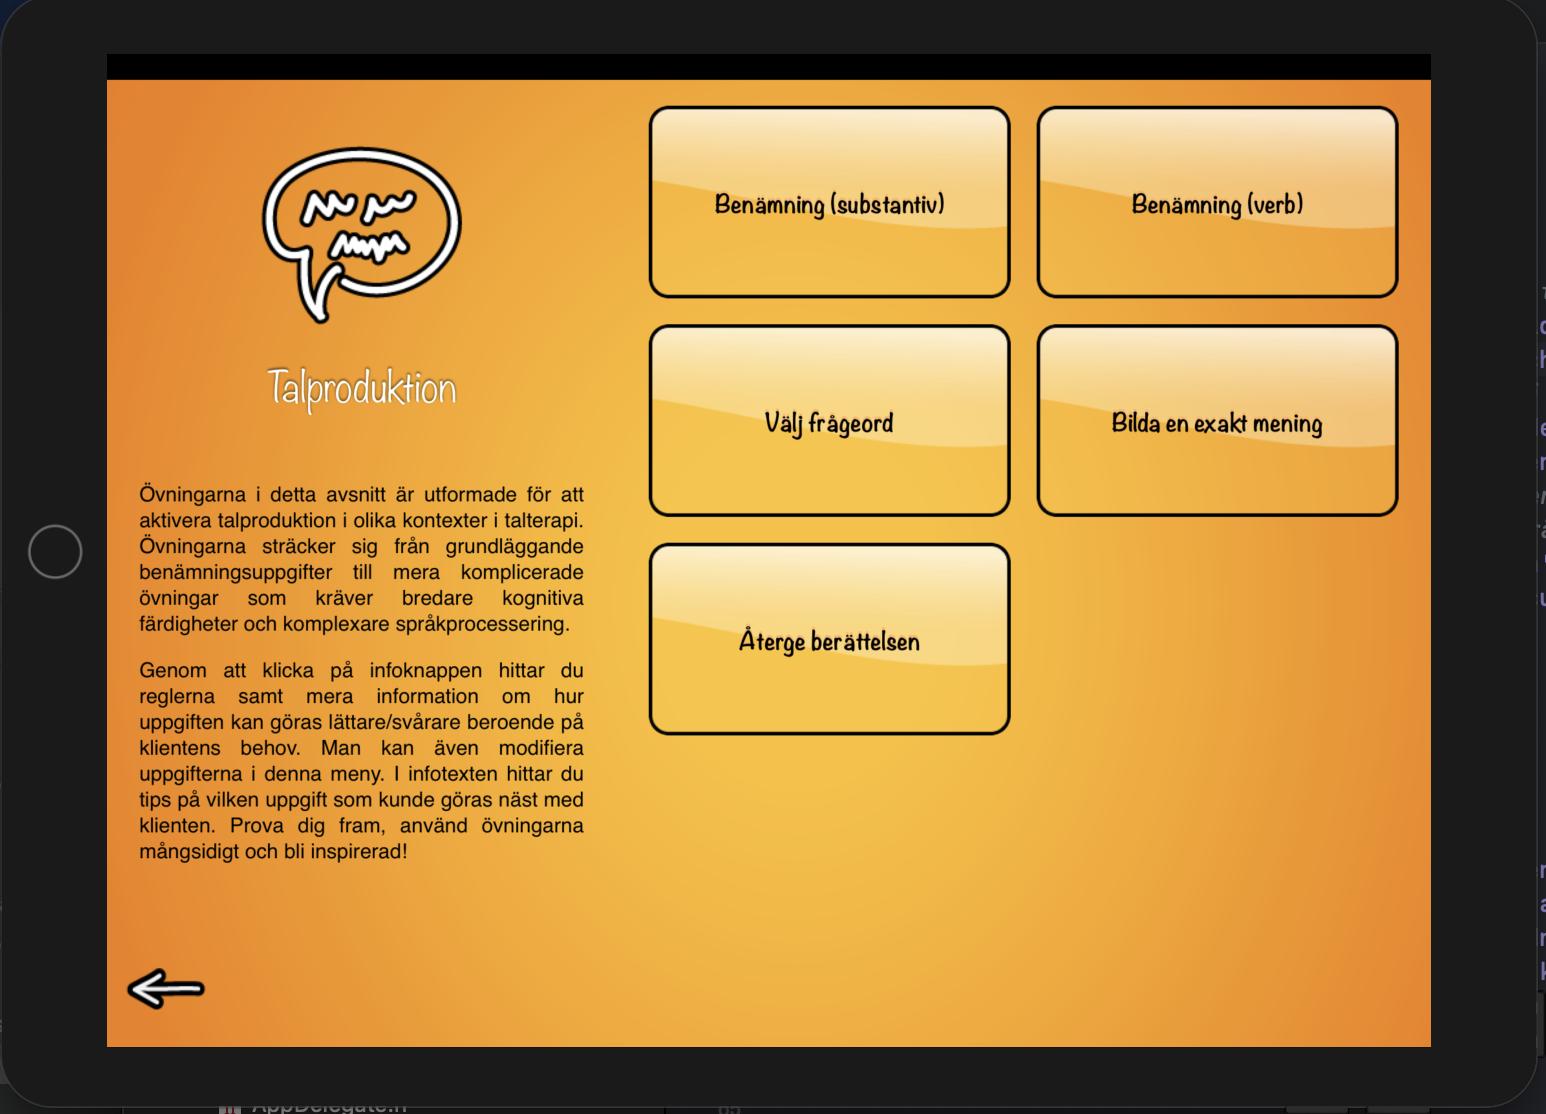 Production menu